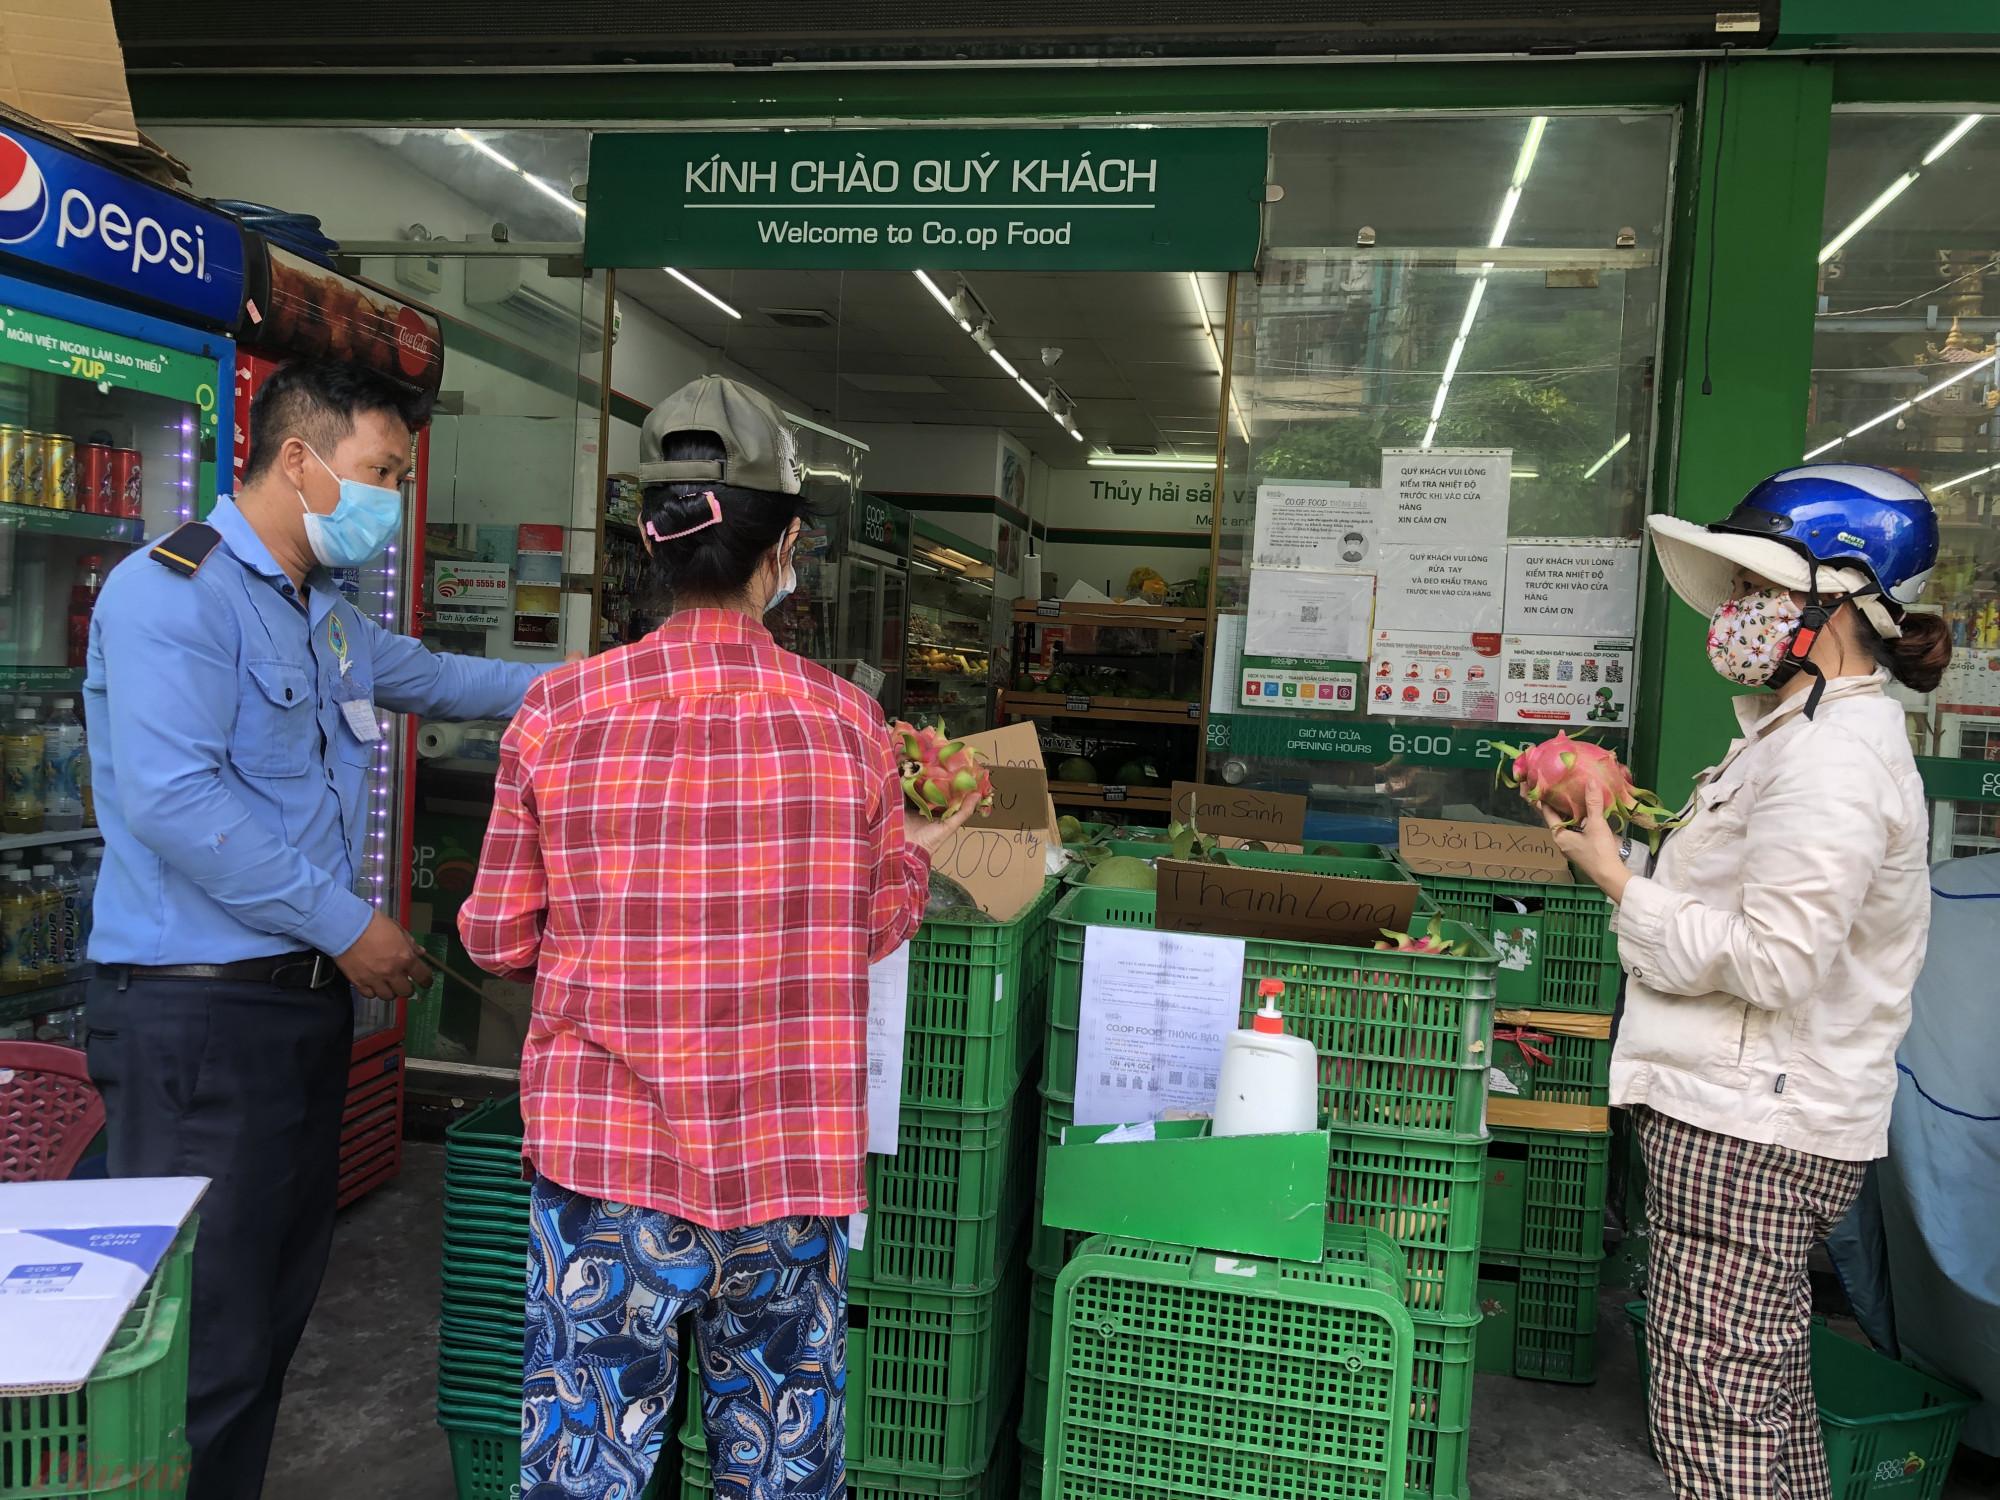 Một số cửa hàng Co.opFood loại trái cây được đưa ra mặt tiền cửa hàng để khách dễ chọn